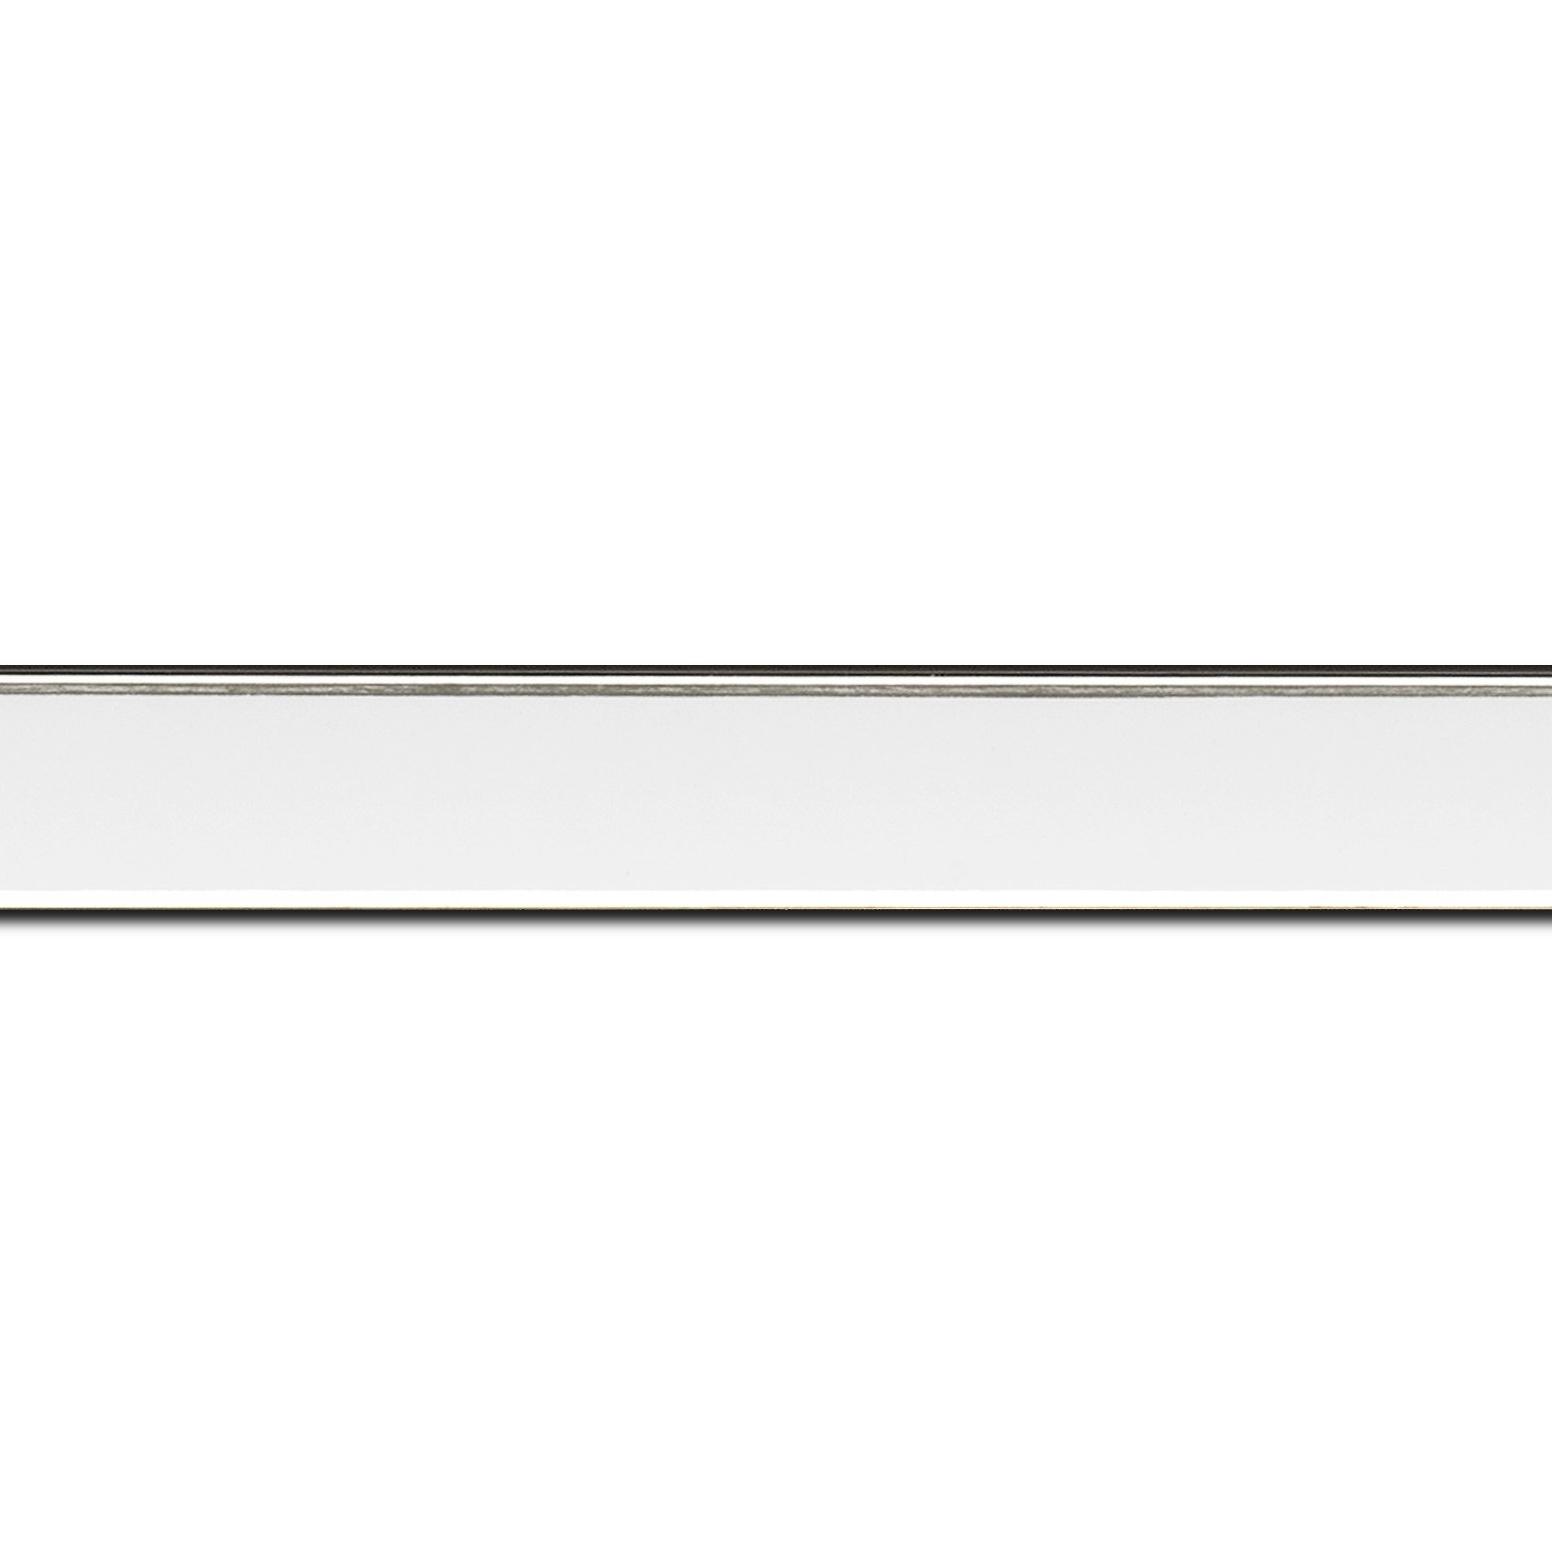 Pack par 12m, bois profil concave largeur 2.4cm couleur blanc satiné  filet argent de chaque coté (longueur baguette pouvant varier entre 2.40m et 3m selon arrivage des bois)